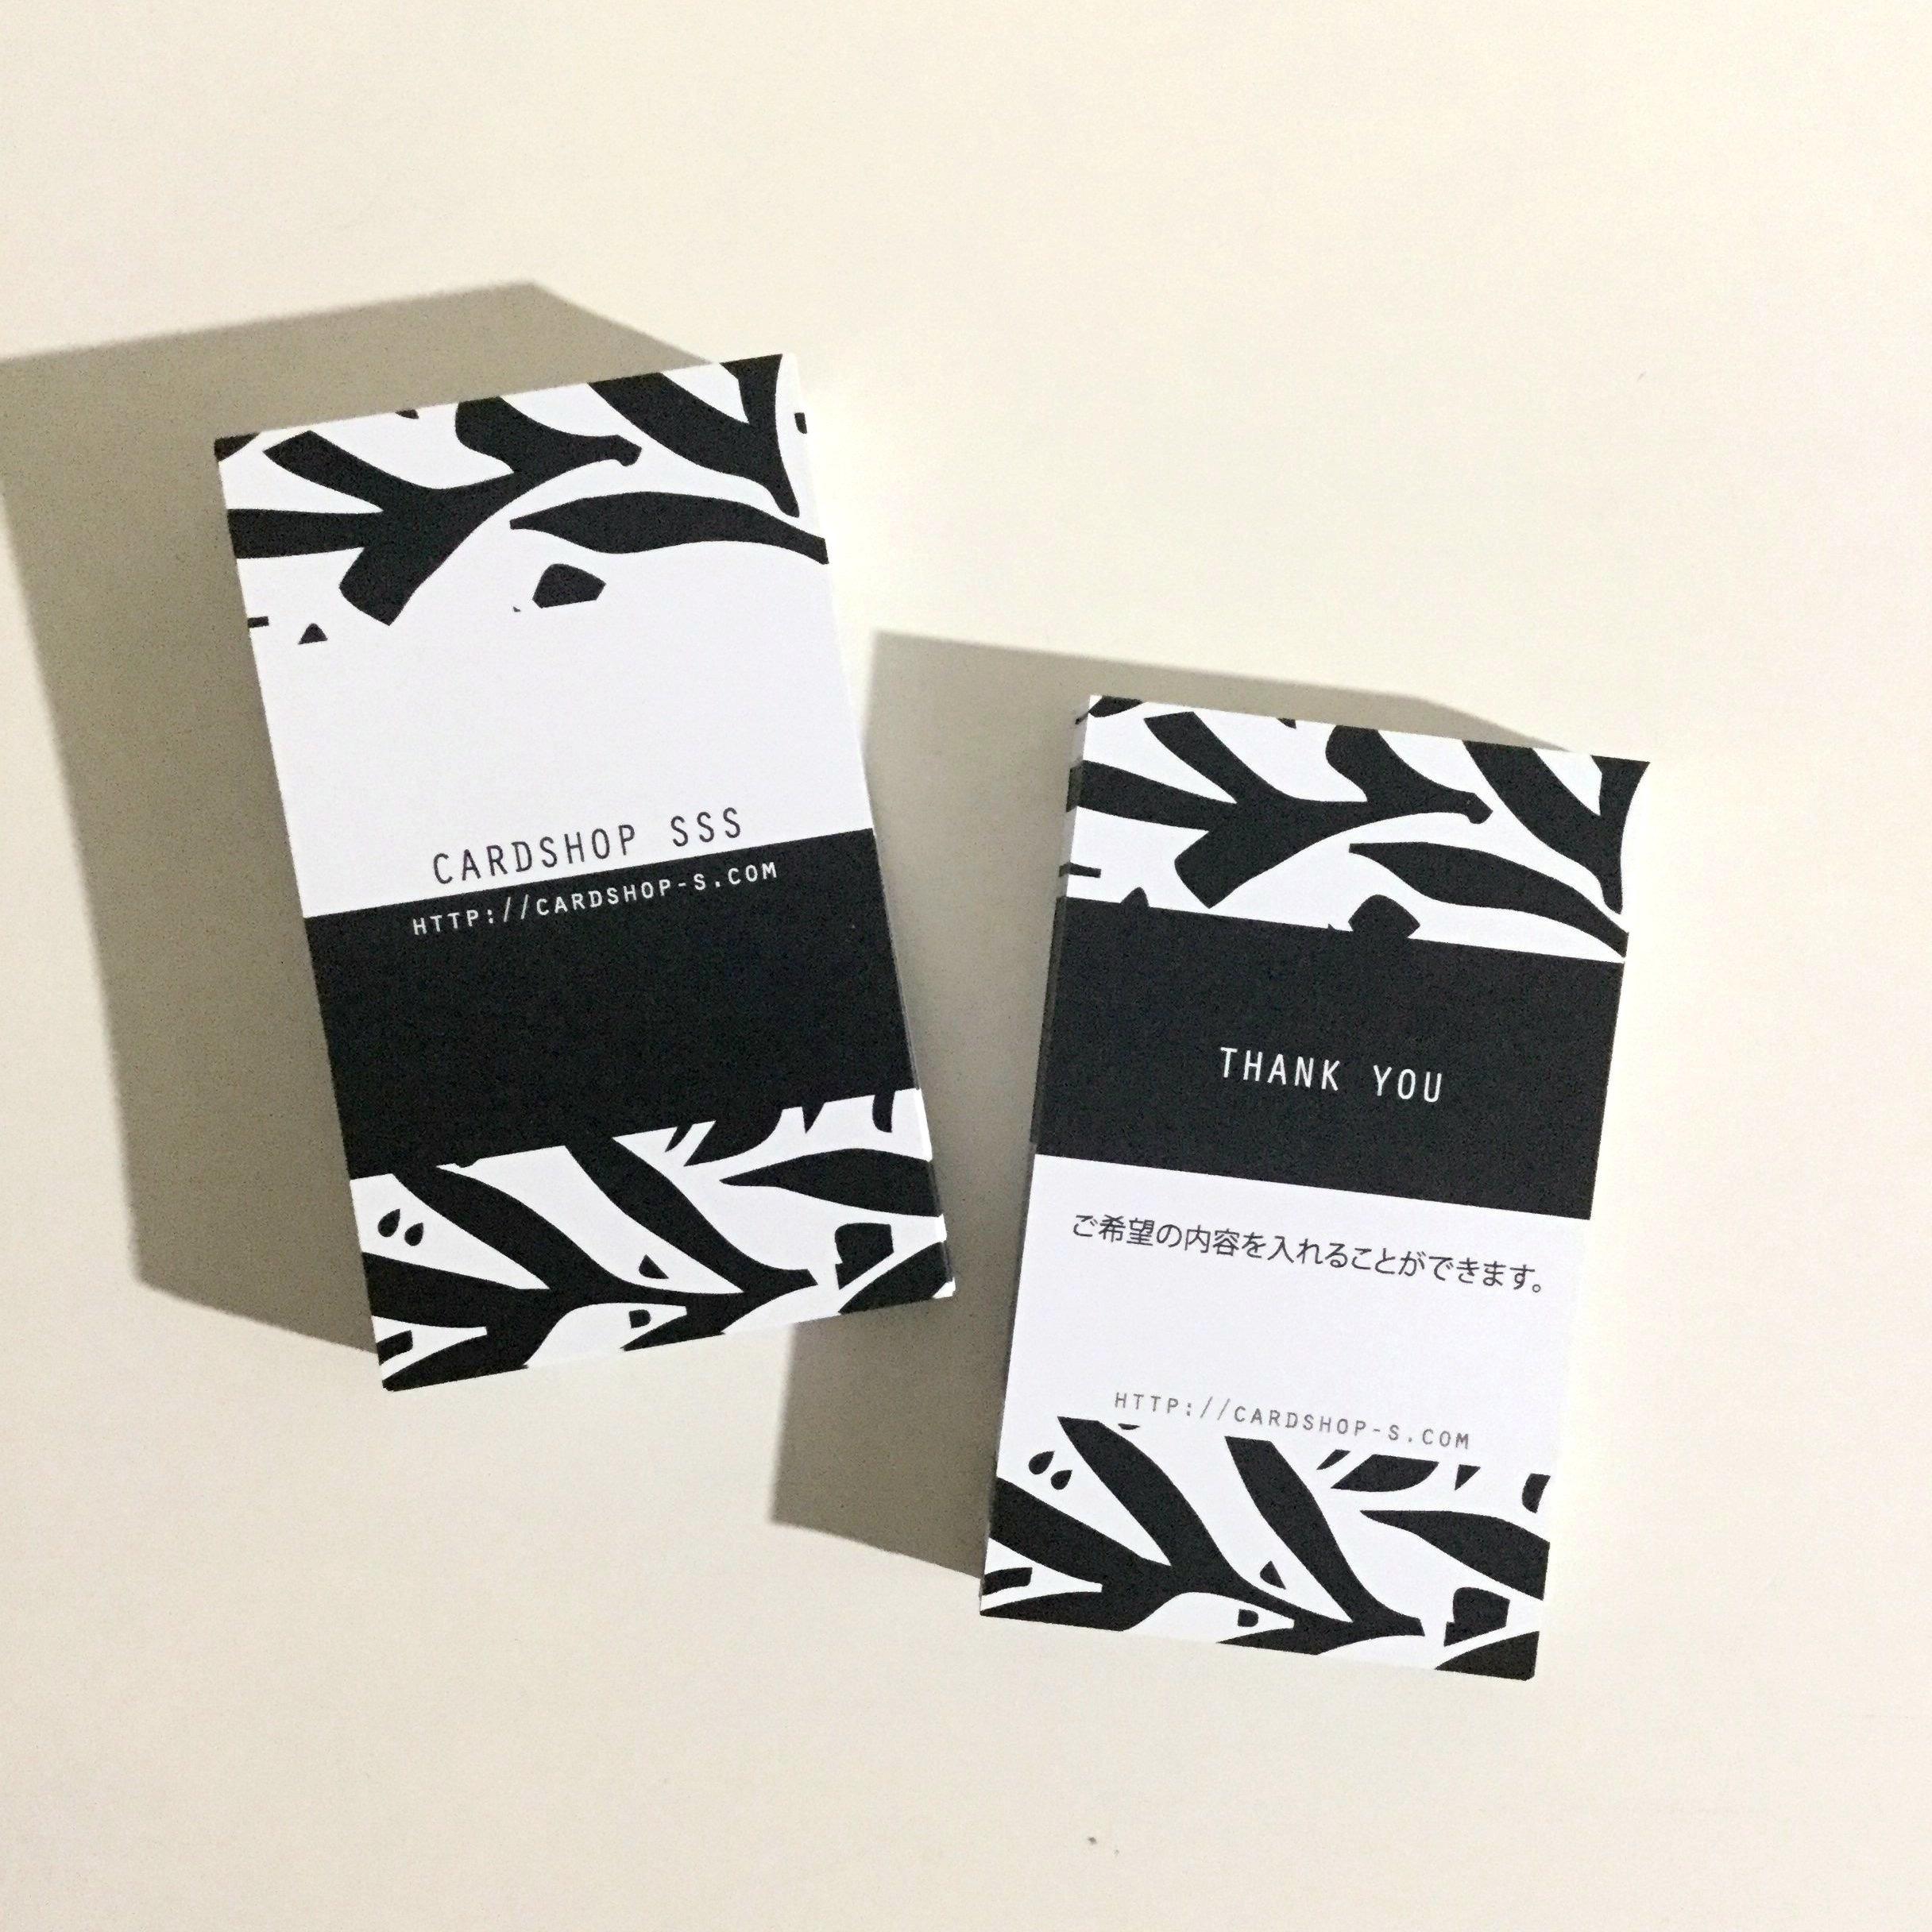 40d2_free【100枚】カスタマイズ名刺【ショップカード】